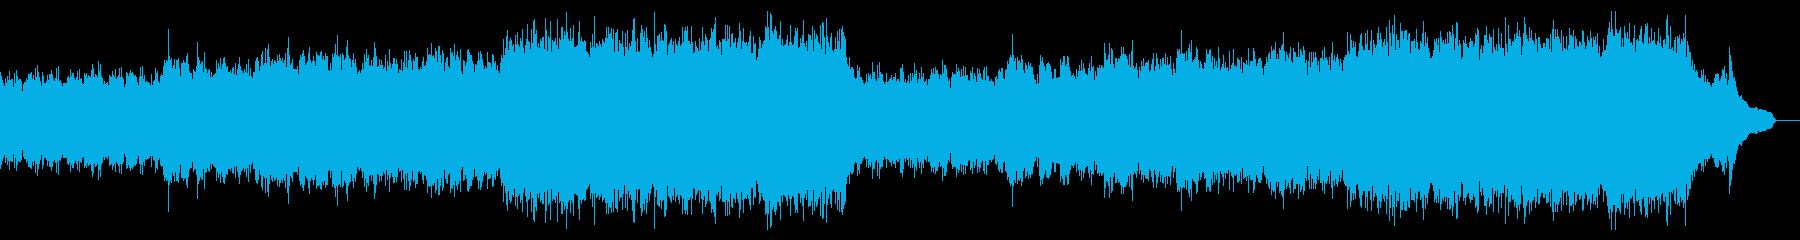 企業VP映像、103オーケストラ、爽快aの再生済みの波形